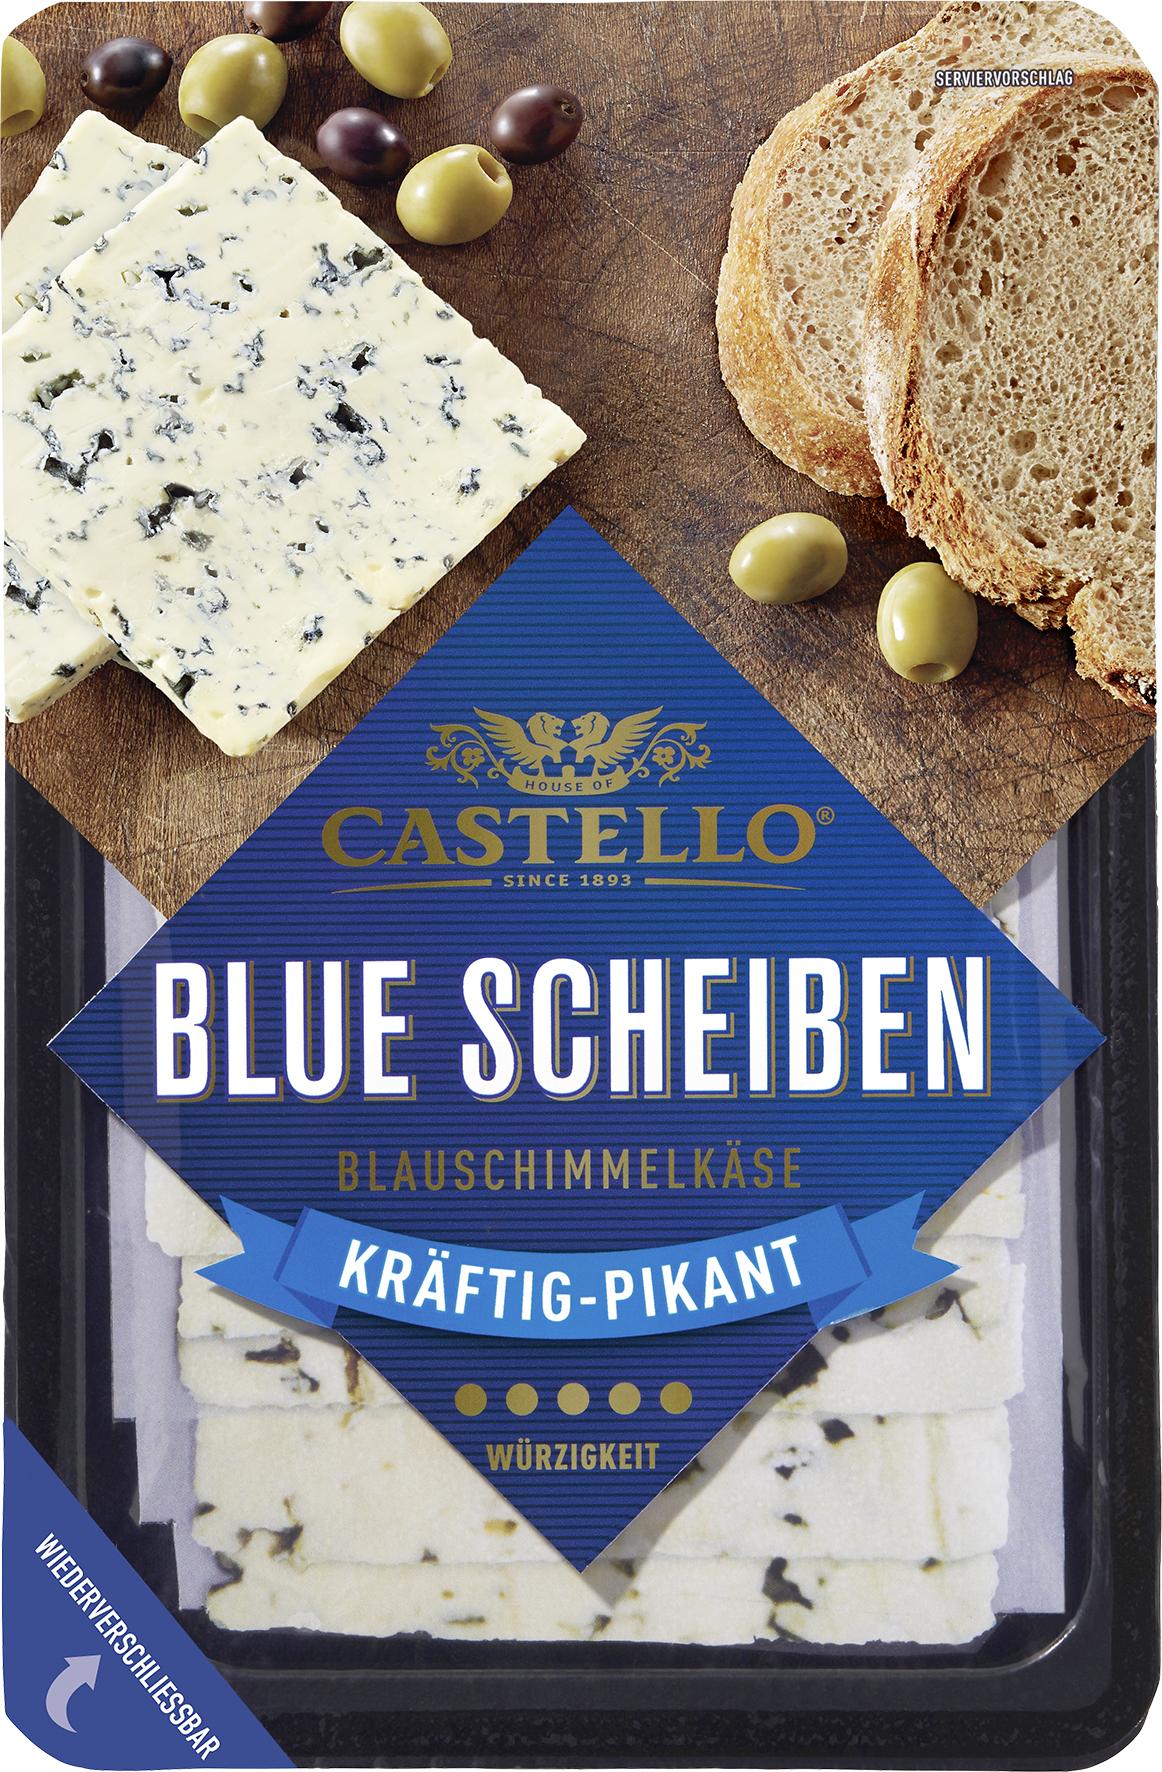 Castello® Blue Scheiben